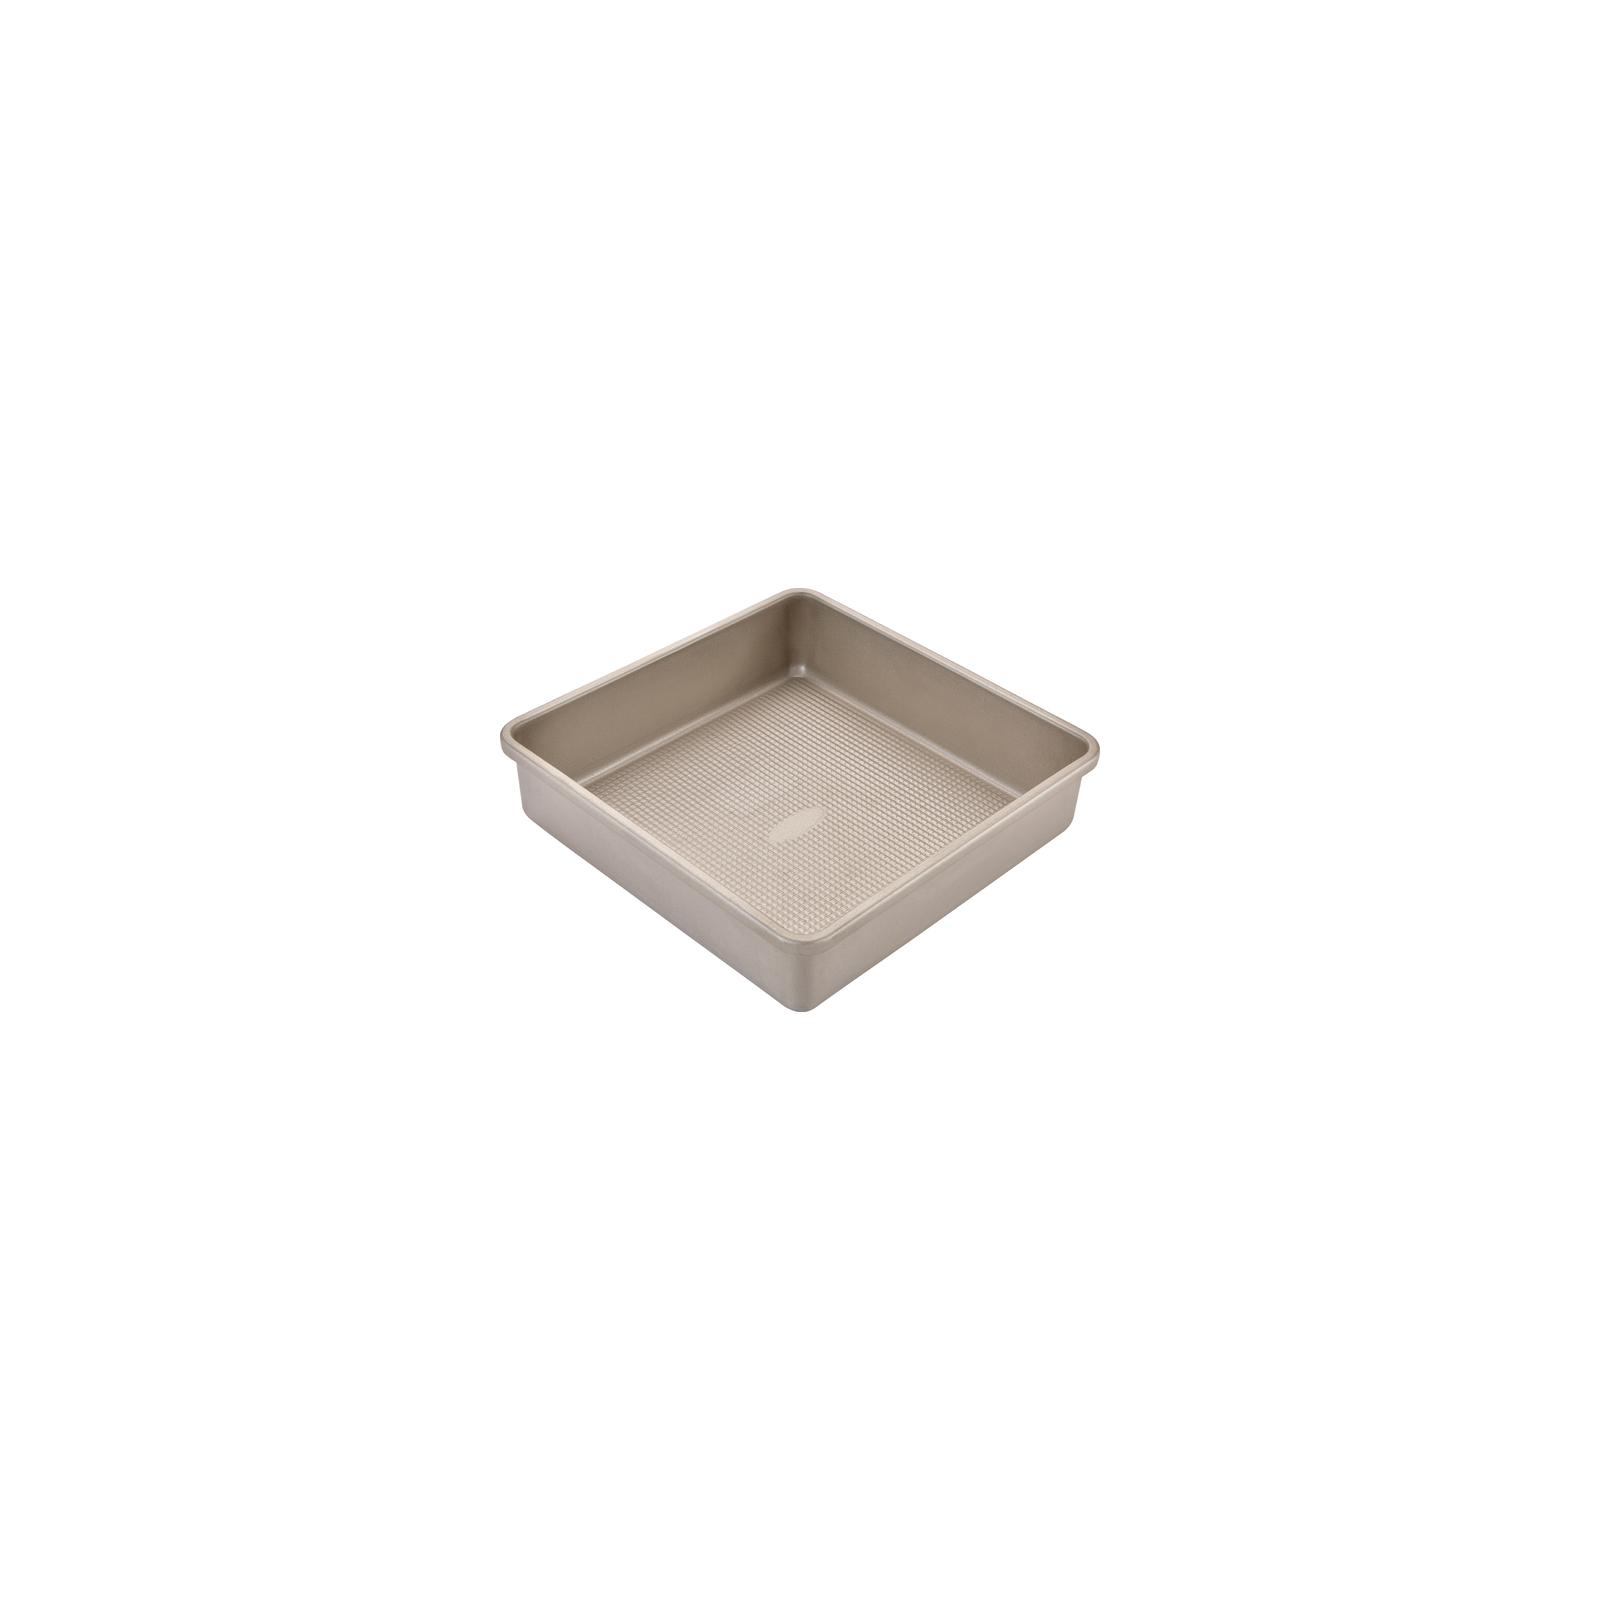 Форма для выпечки Ringel Marzipan квадратная 24.5 x 24.5 x 6 см (RG-10209) изображение 2